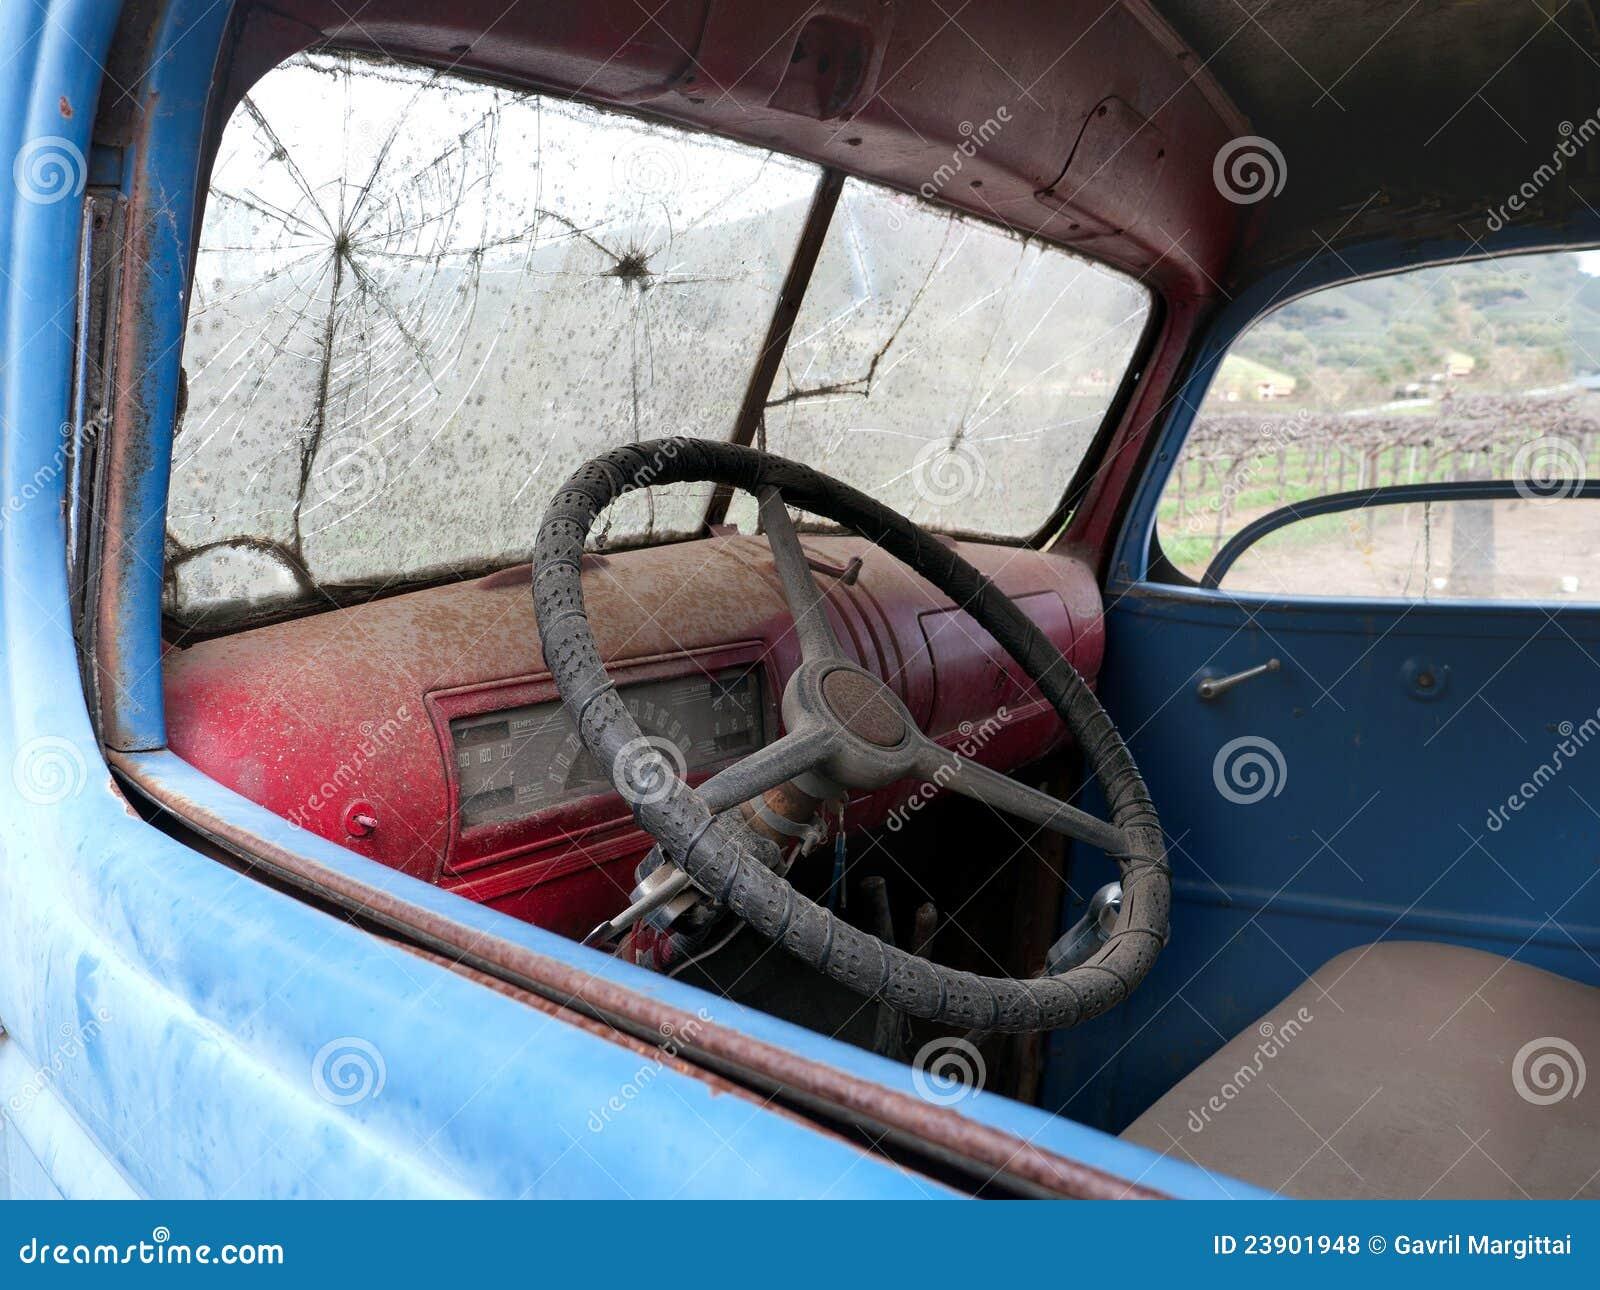 Alte lkw kabine mit unterbrochener frontscheibe und etwas staub nach